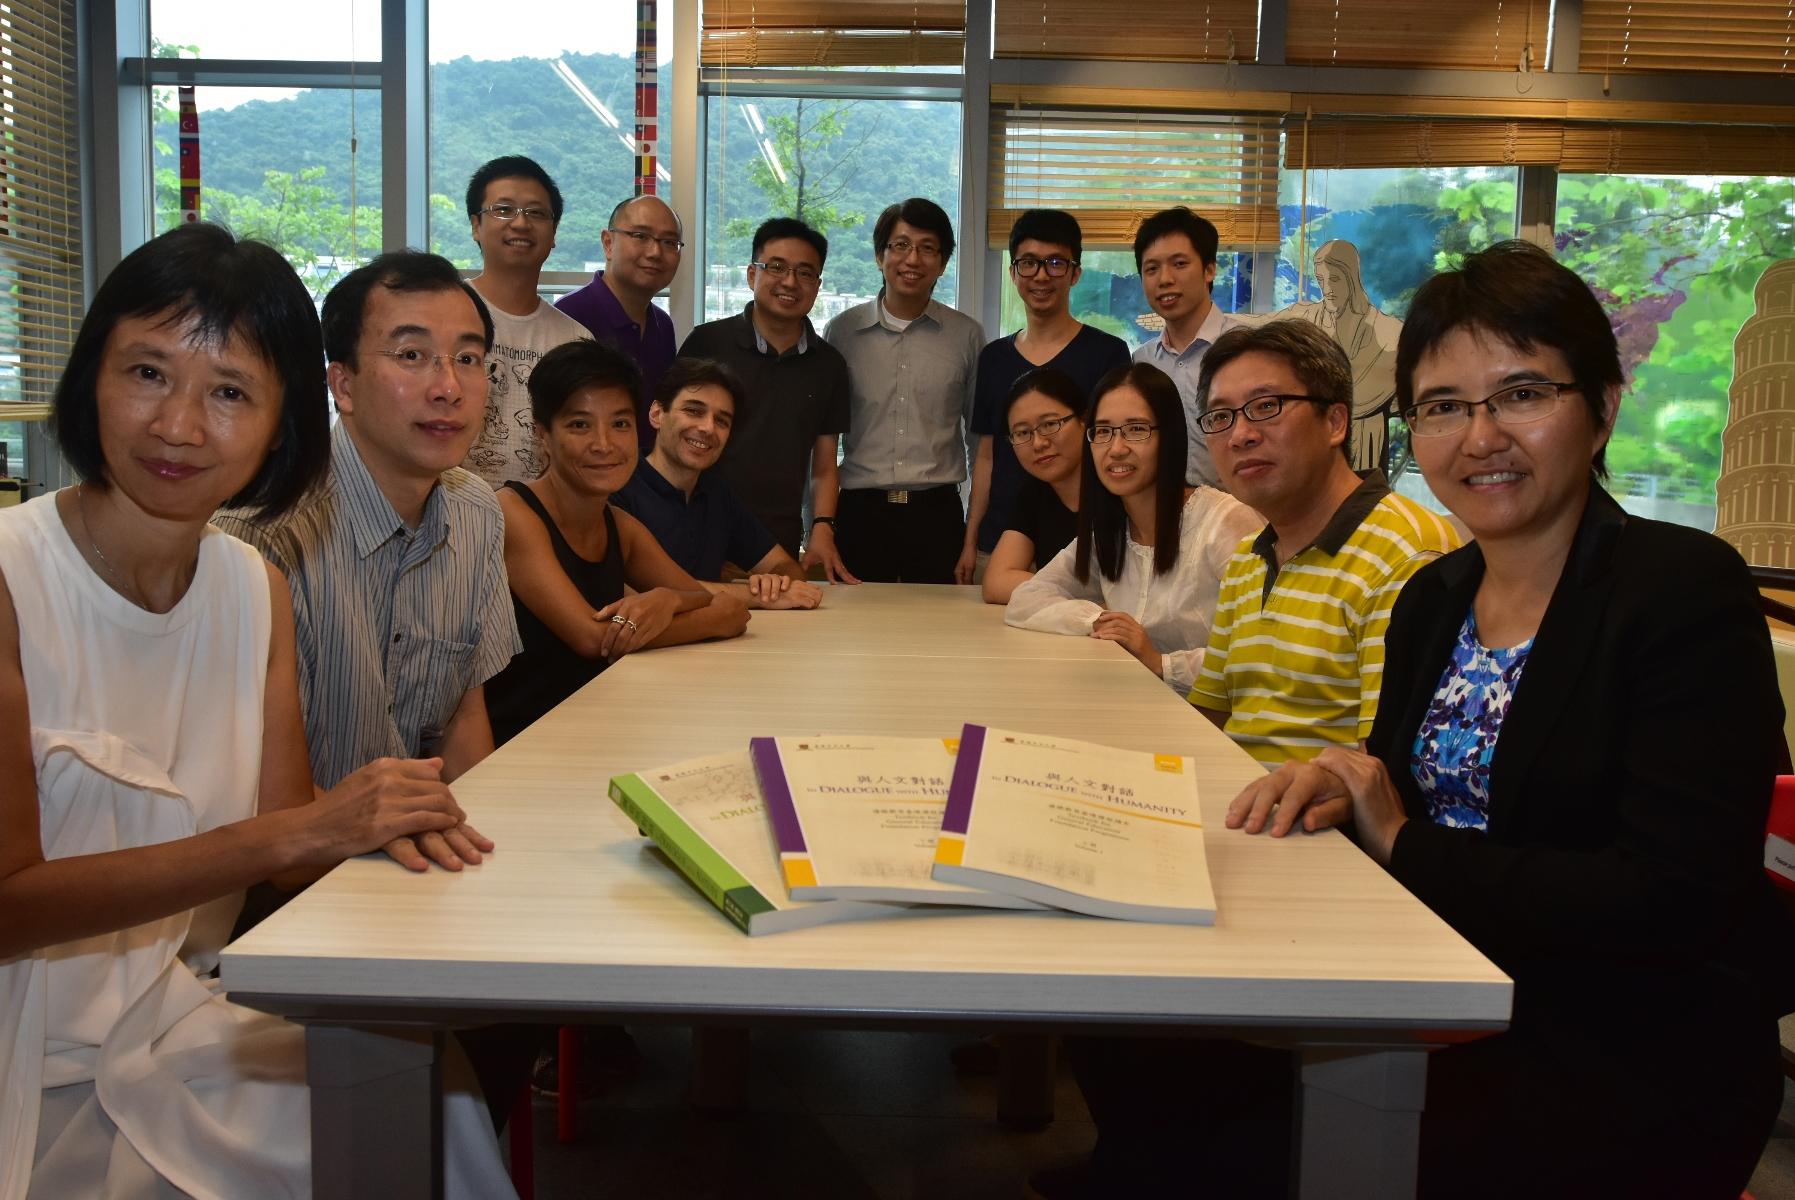 中大通識教育課程團隊